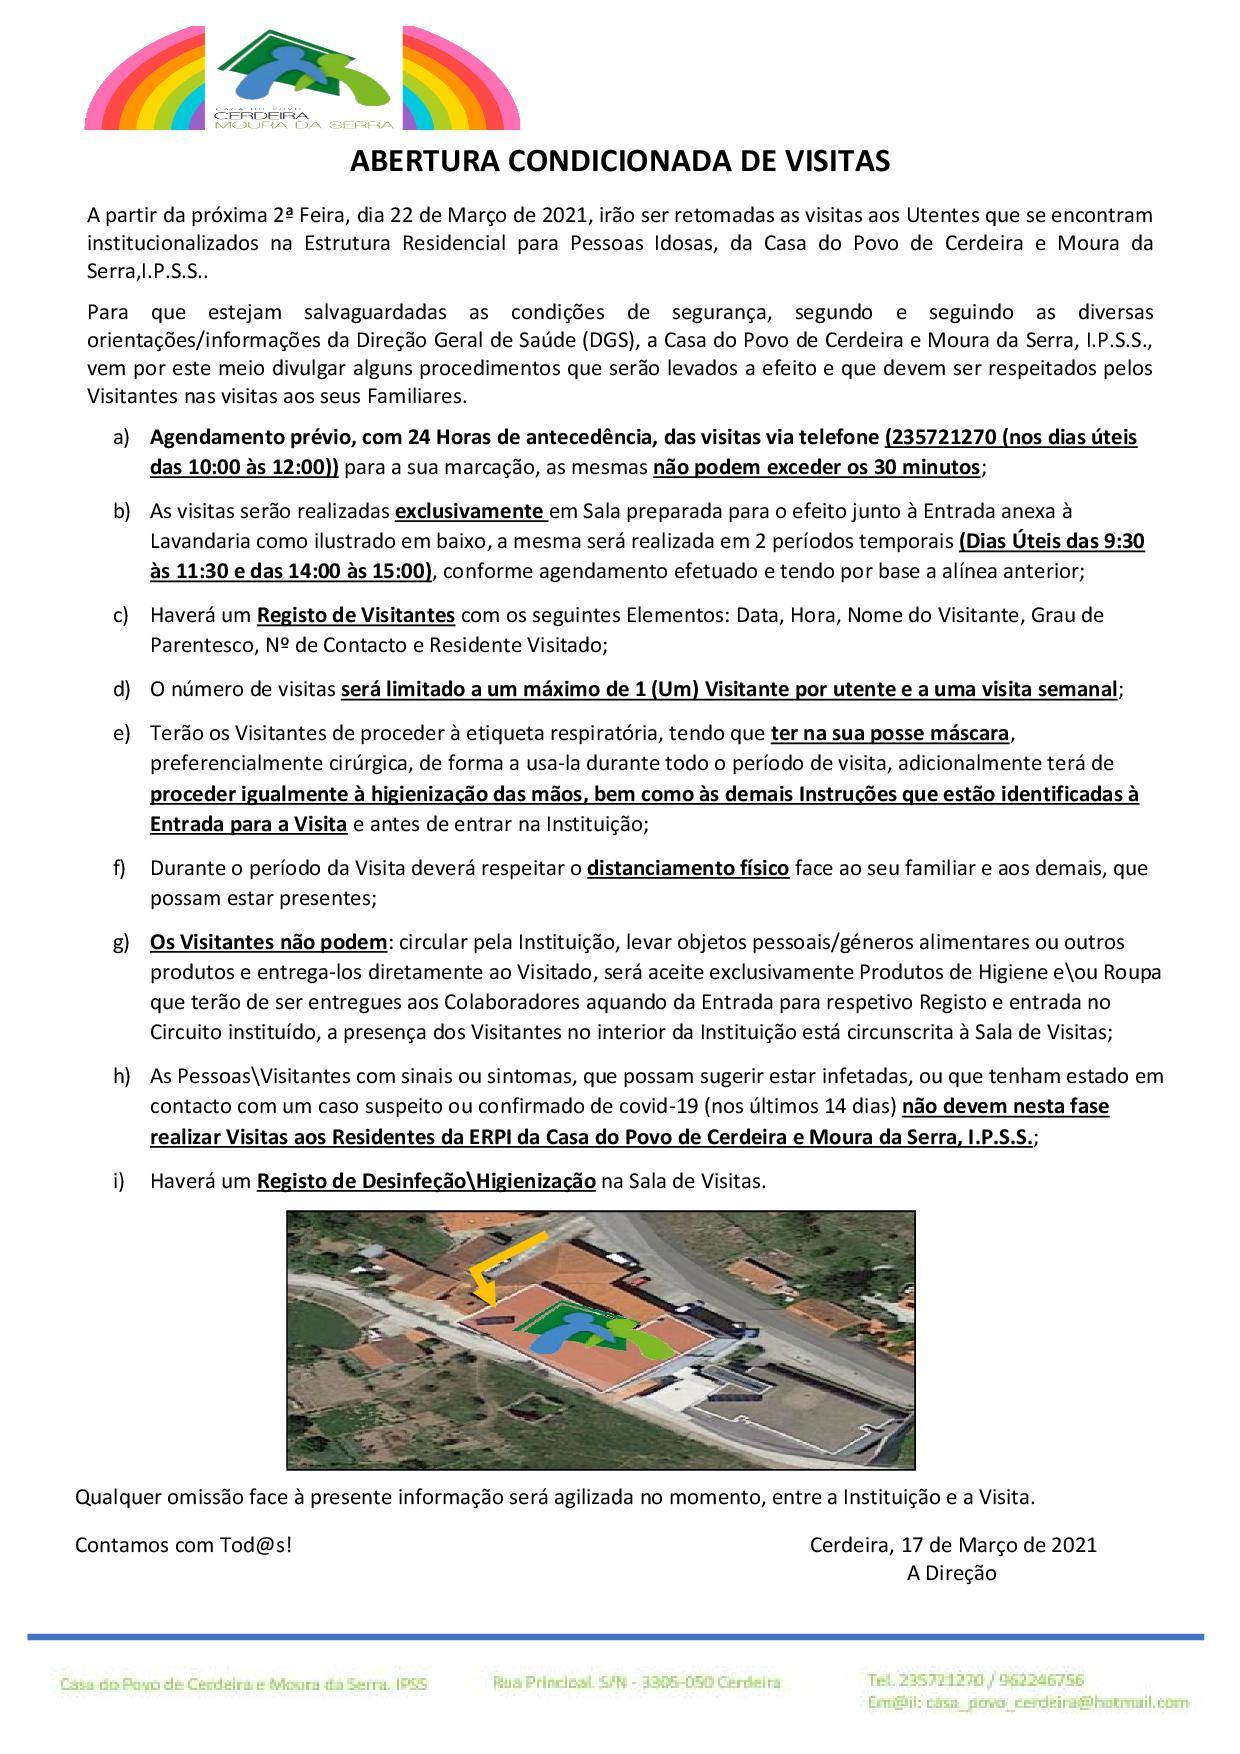 ABERTURA CONDICIONADA DE VISITAS (MARÇO 2021)